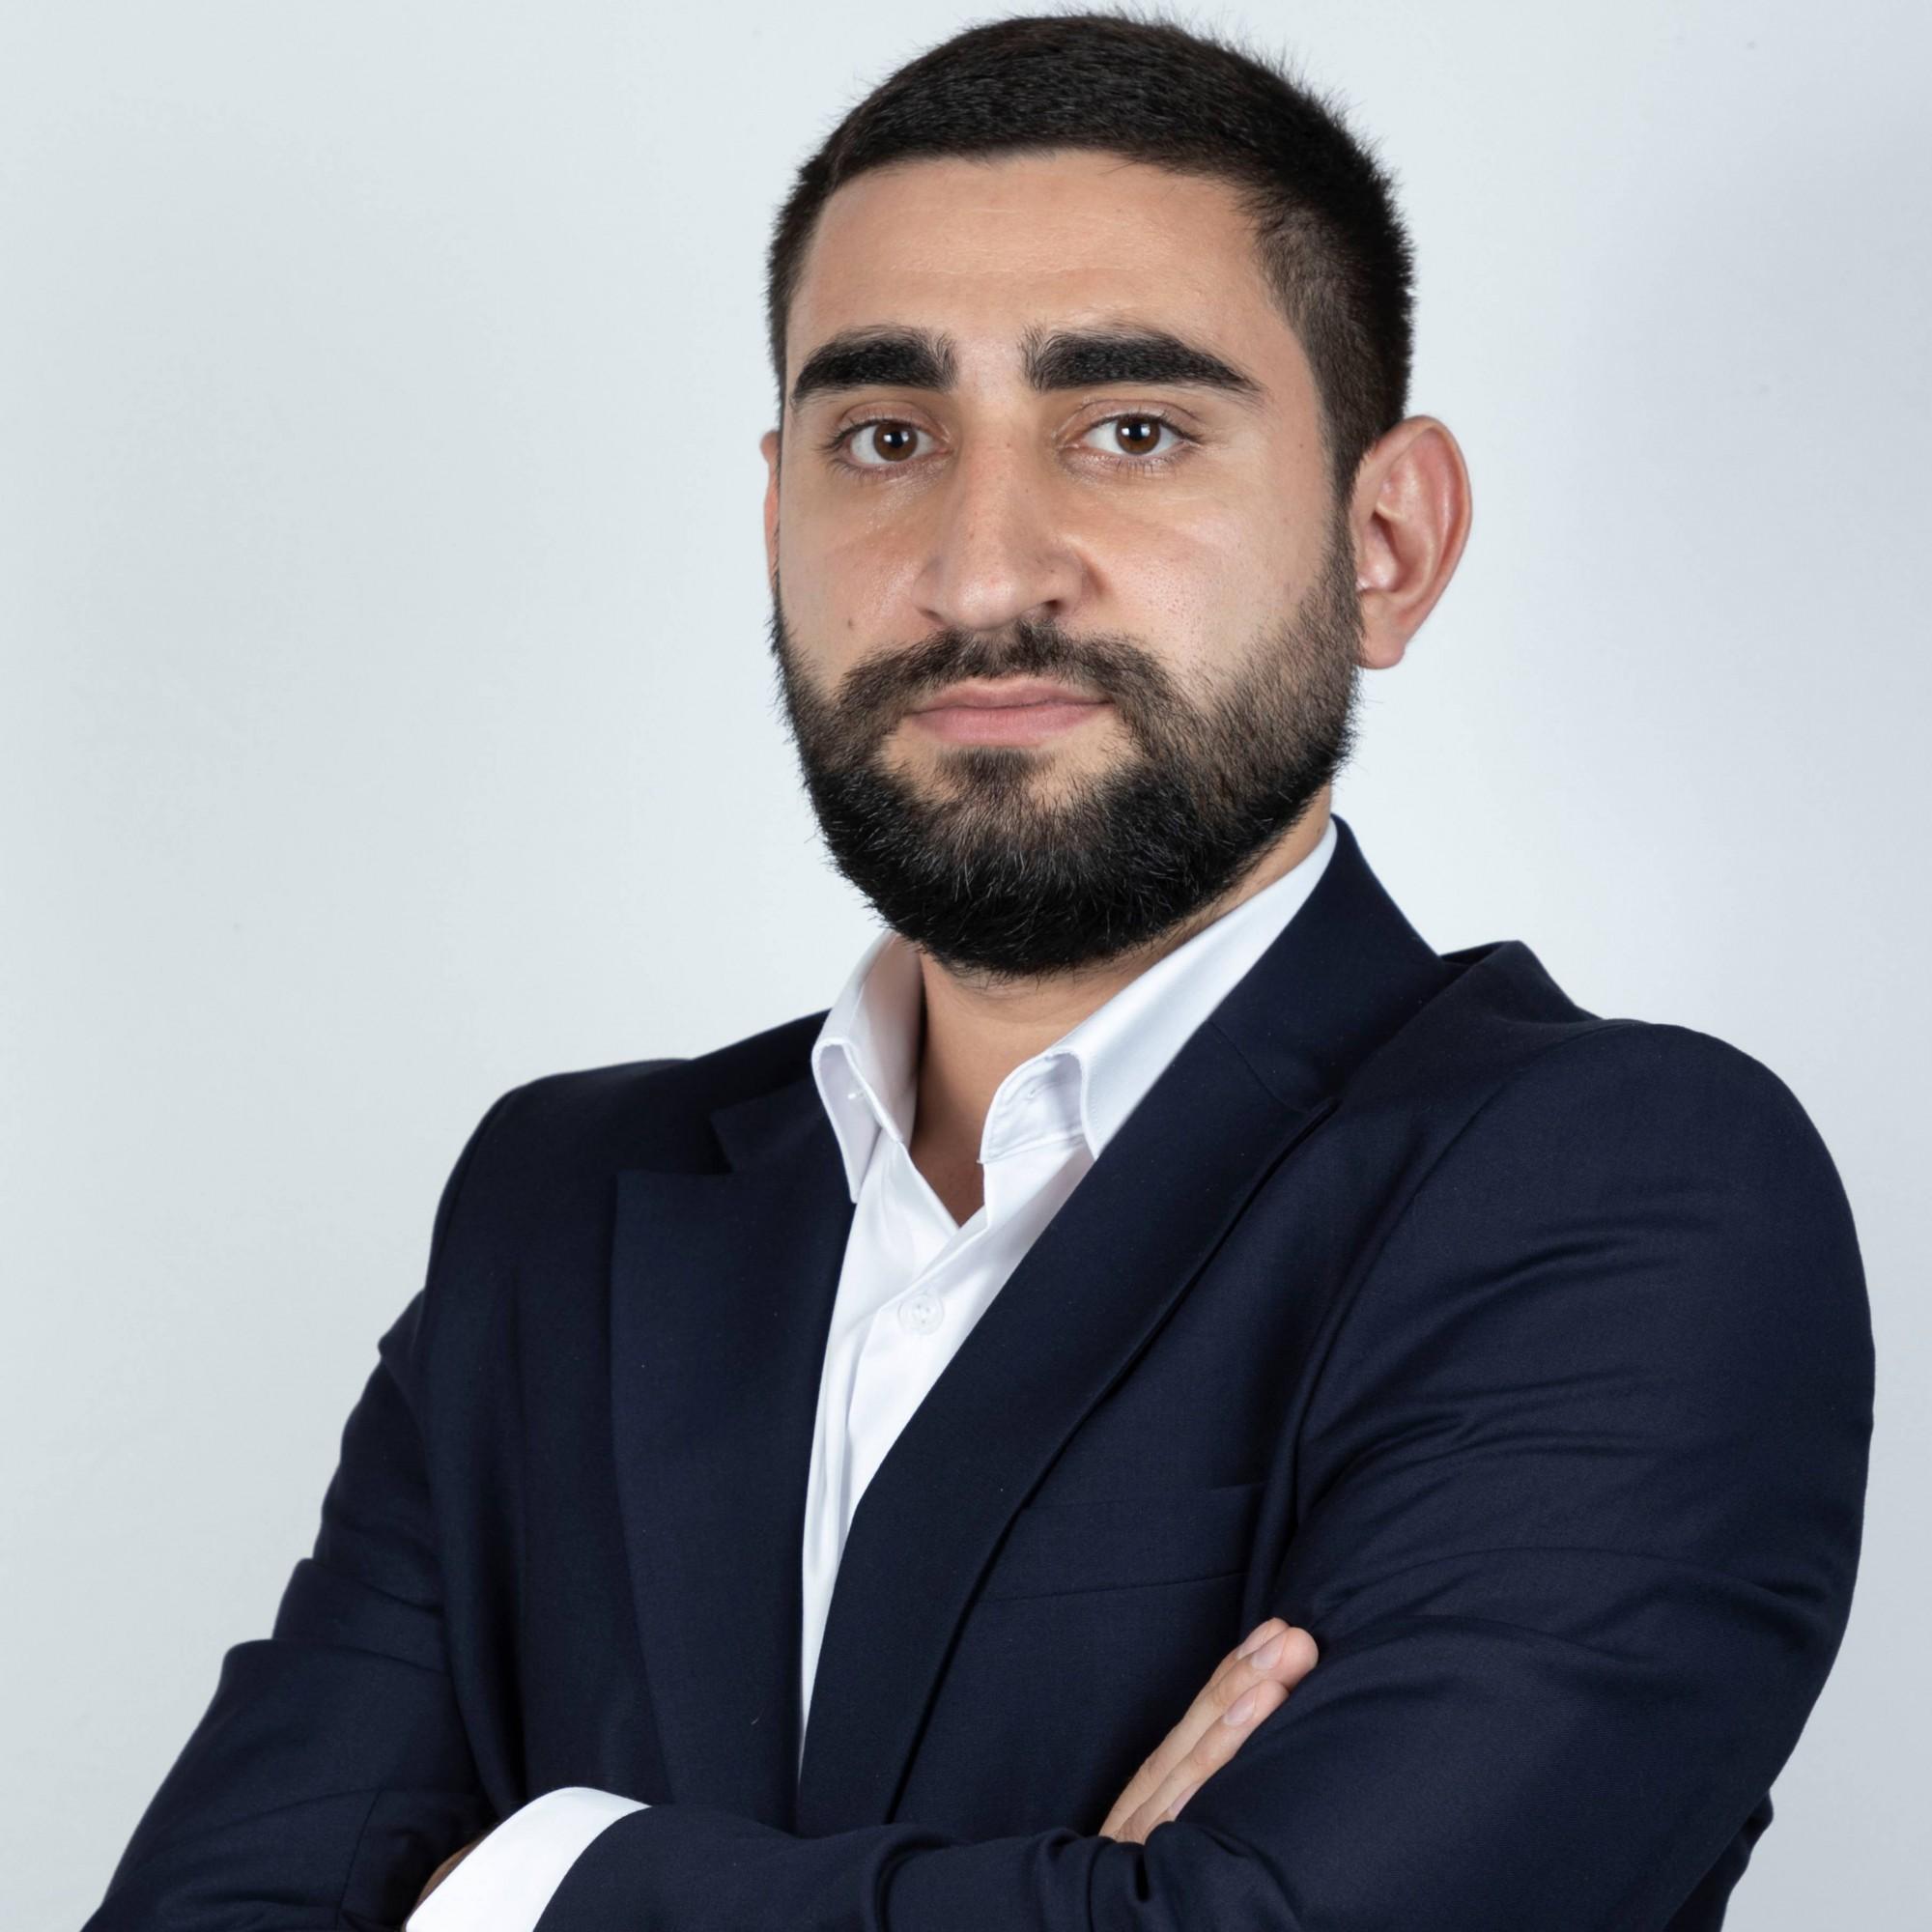 Aram Pogosyan